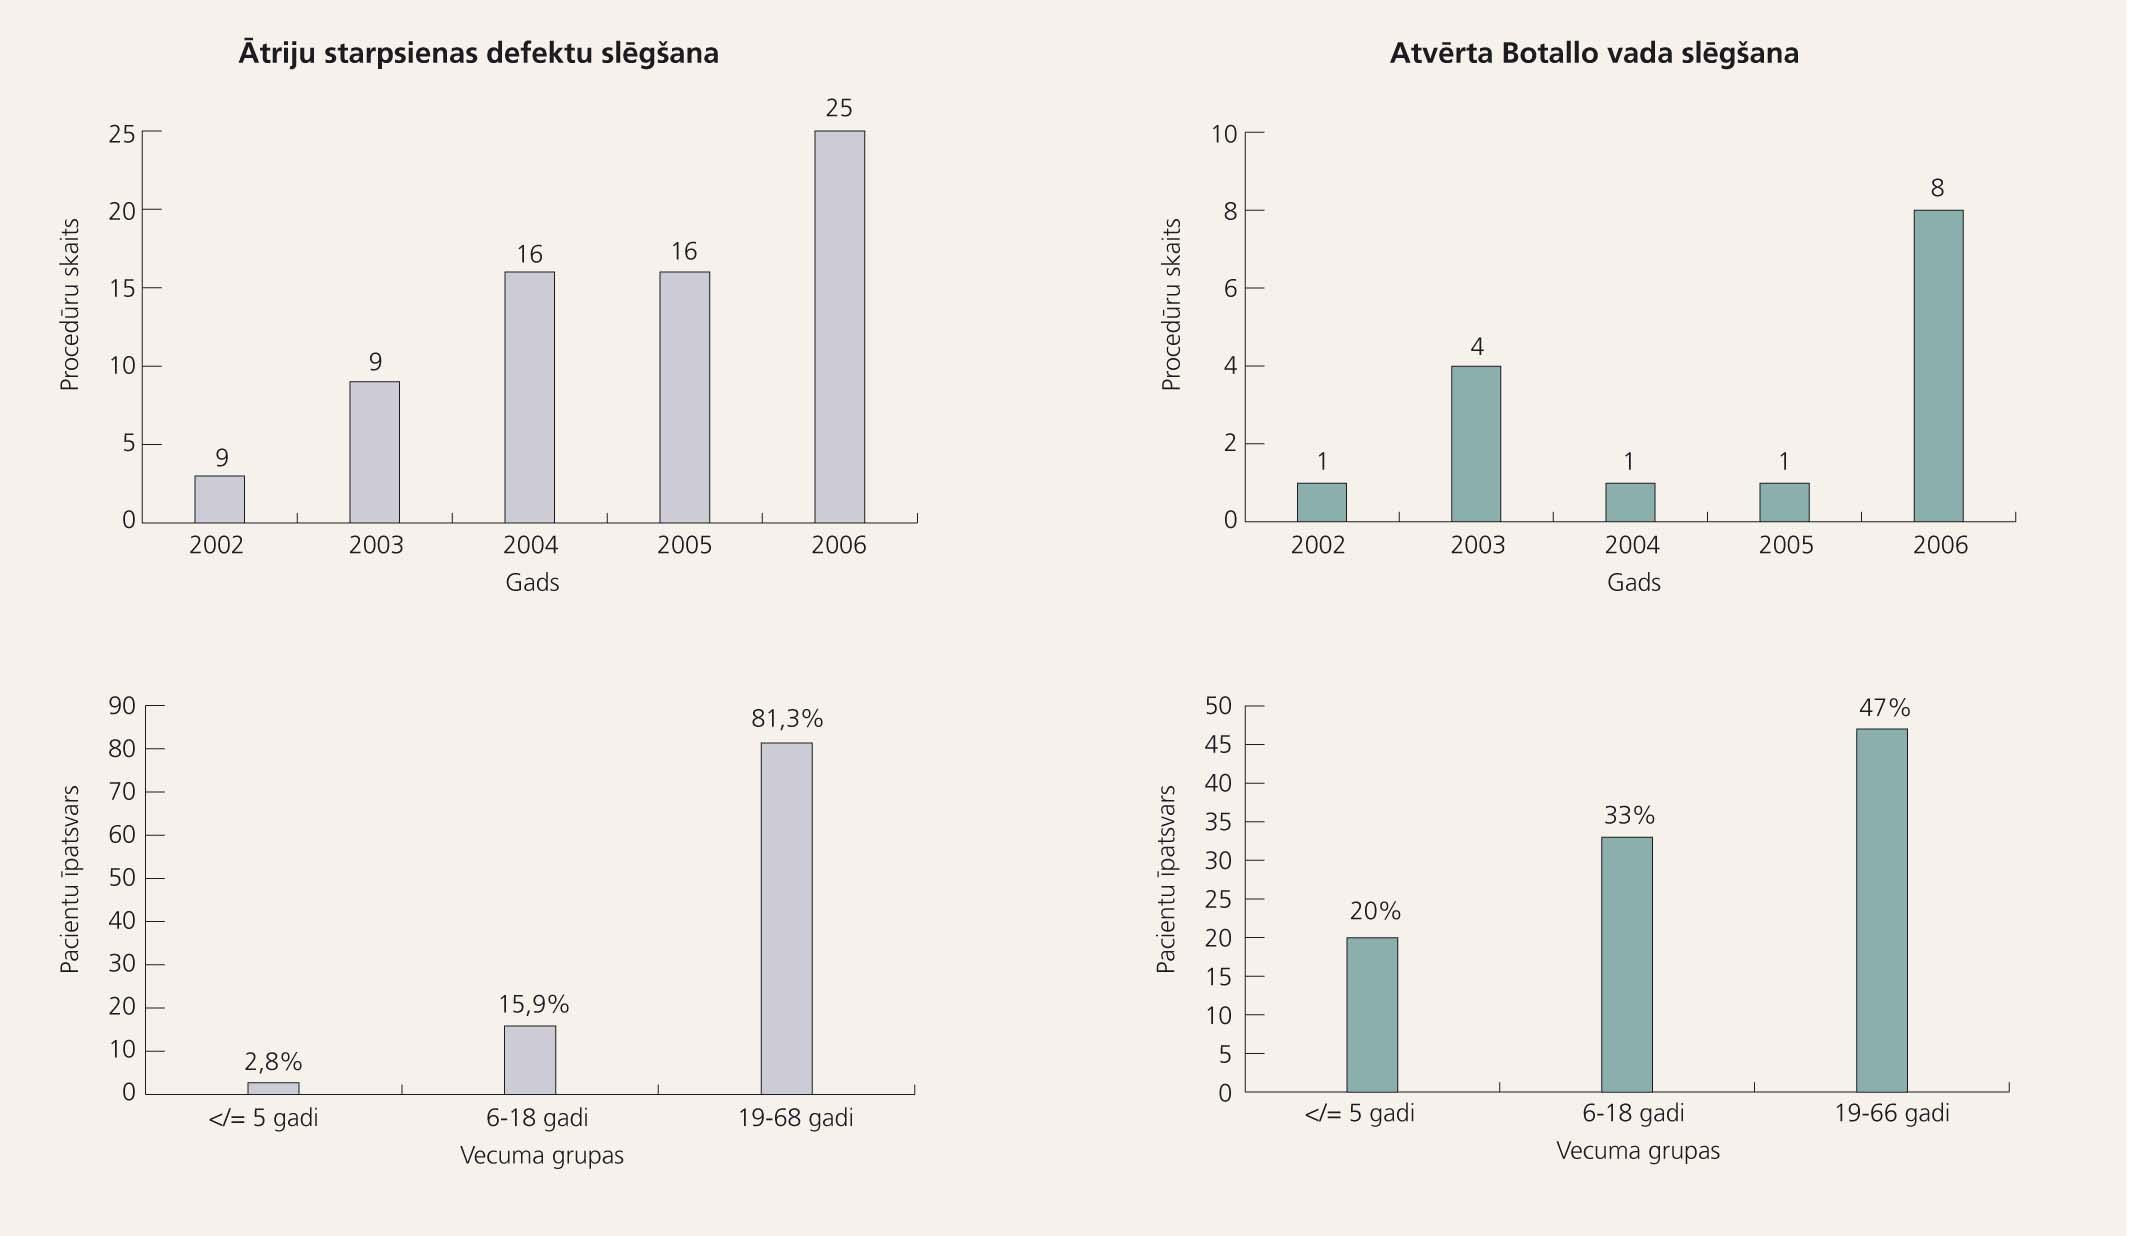 Latvijas Kardioloģijas centra pieredze 2002.-2006. gadā – procedūru skaits un vecuma sadalījums